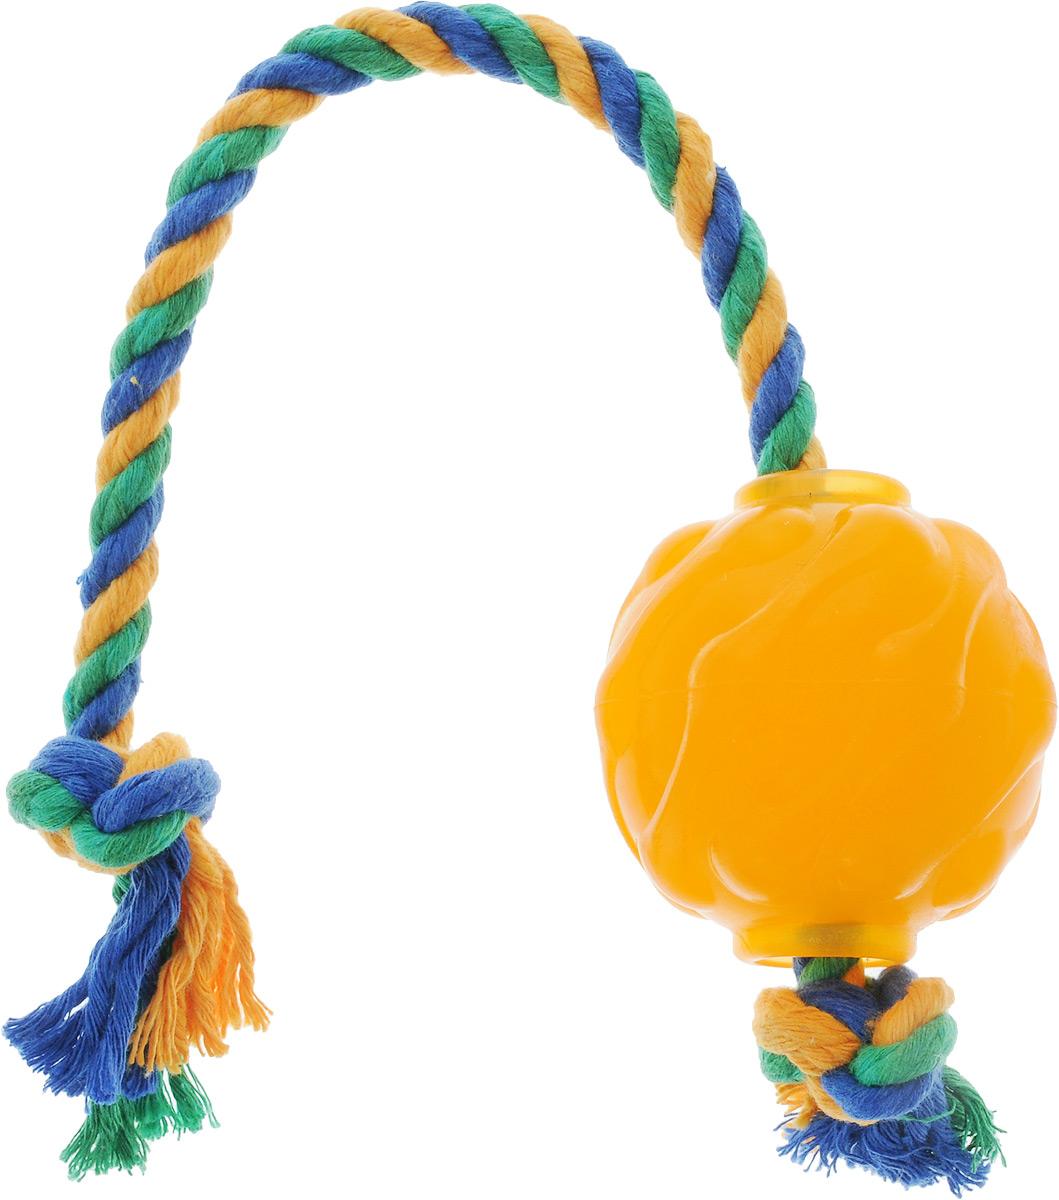 Игрушка для собак Doglike Мяч Космос, с канатом, длина 37 смD12-1100Игрушка Doglike Мяч Космос служит для массажа десен и очистки зубов от налета и камня, а также снимает нервное напряжение. Игрушка представляет собой резиновый мяч с текстильным канатом. Она прочная и может выдержать огромное количество часов игры. Это идеальная замена косточке.Если ваш пес портит мебель, излишне агрессивен, непослушен или страдает излишним весом то, скорее всего, корень всех бед кроется в недостаточной физической и эмоциональной нагрузке. Порадуйте своего питомца прекрасным и качественным подарком.Размер игрушки: 6 х 6 х 6,3 см. Длина игрушки (с канатом): 37 см.Уважаемые клиенты! Обращаем ваше внимание на цветовой ассортимент товара. Поставка осуществляется в зависимости от наличия на складе.